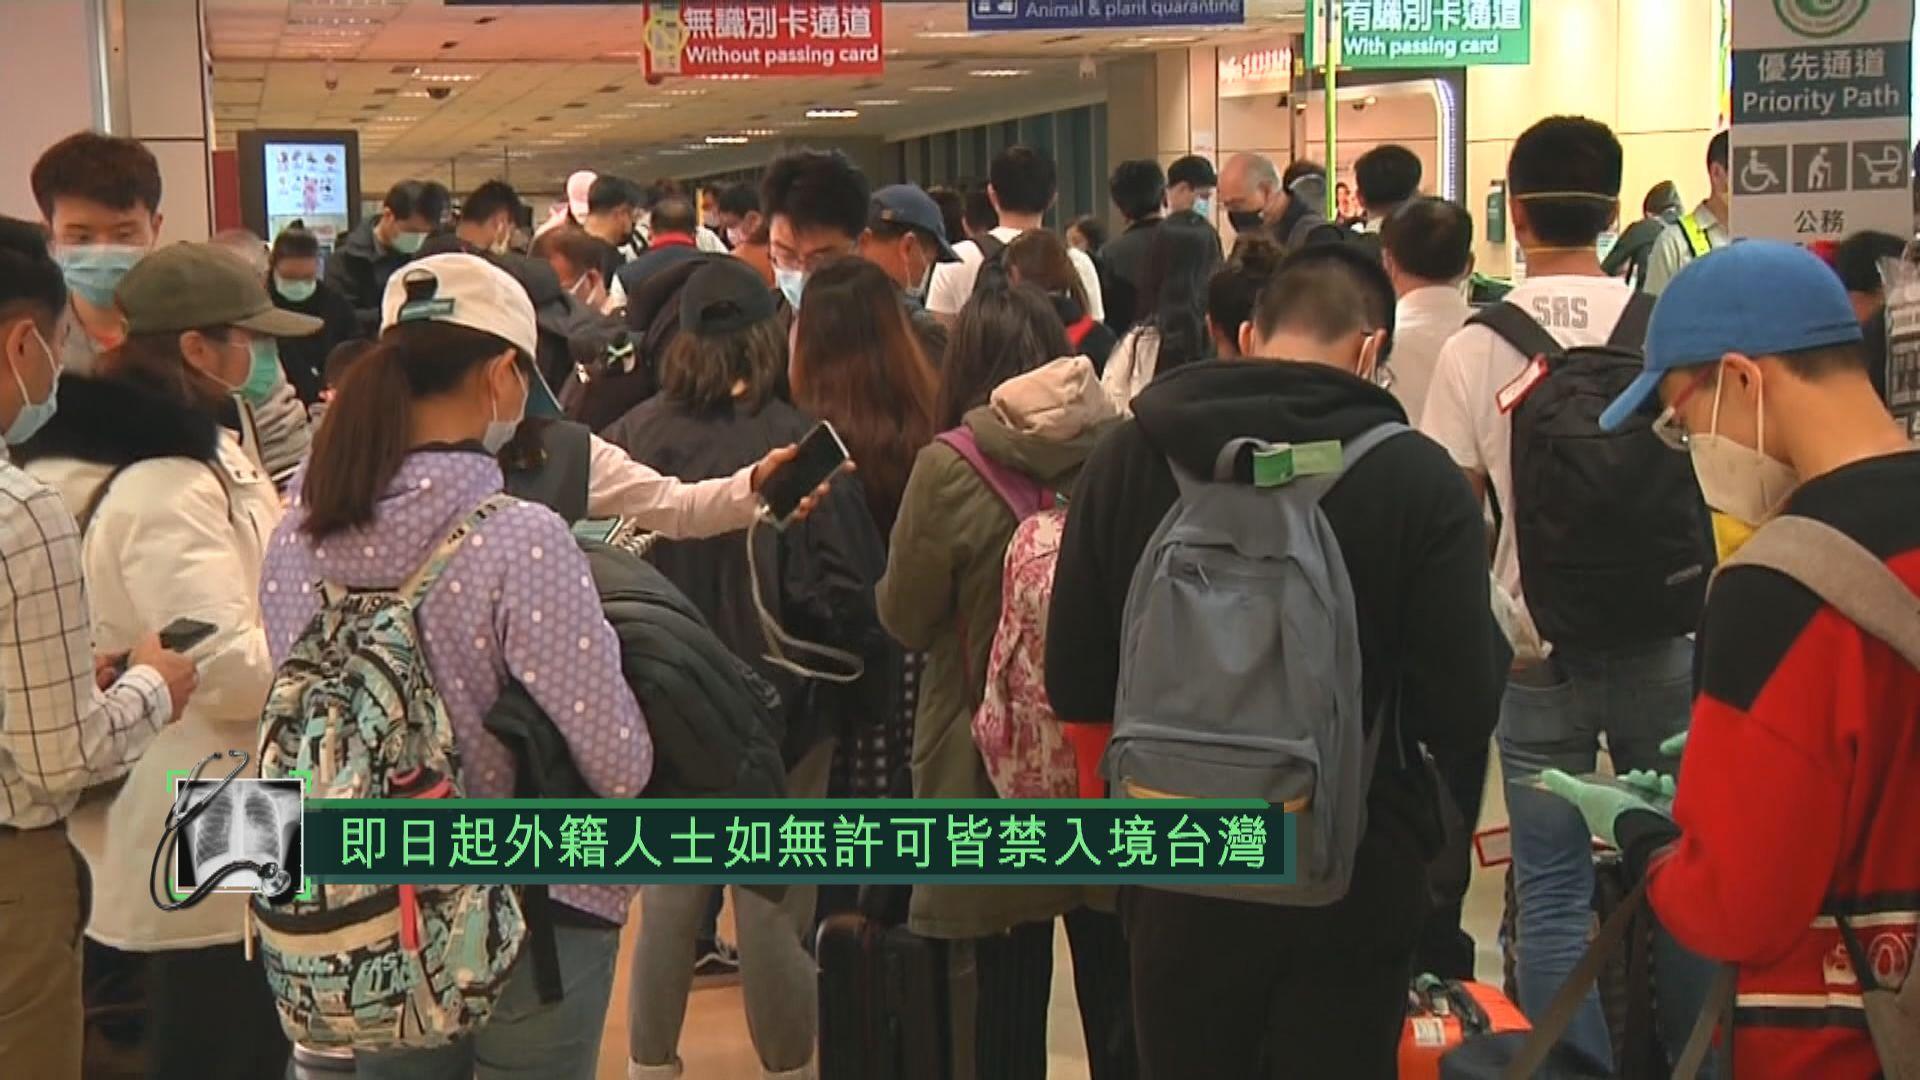 台灣:即日起外籍人士如無許可皆禁入境